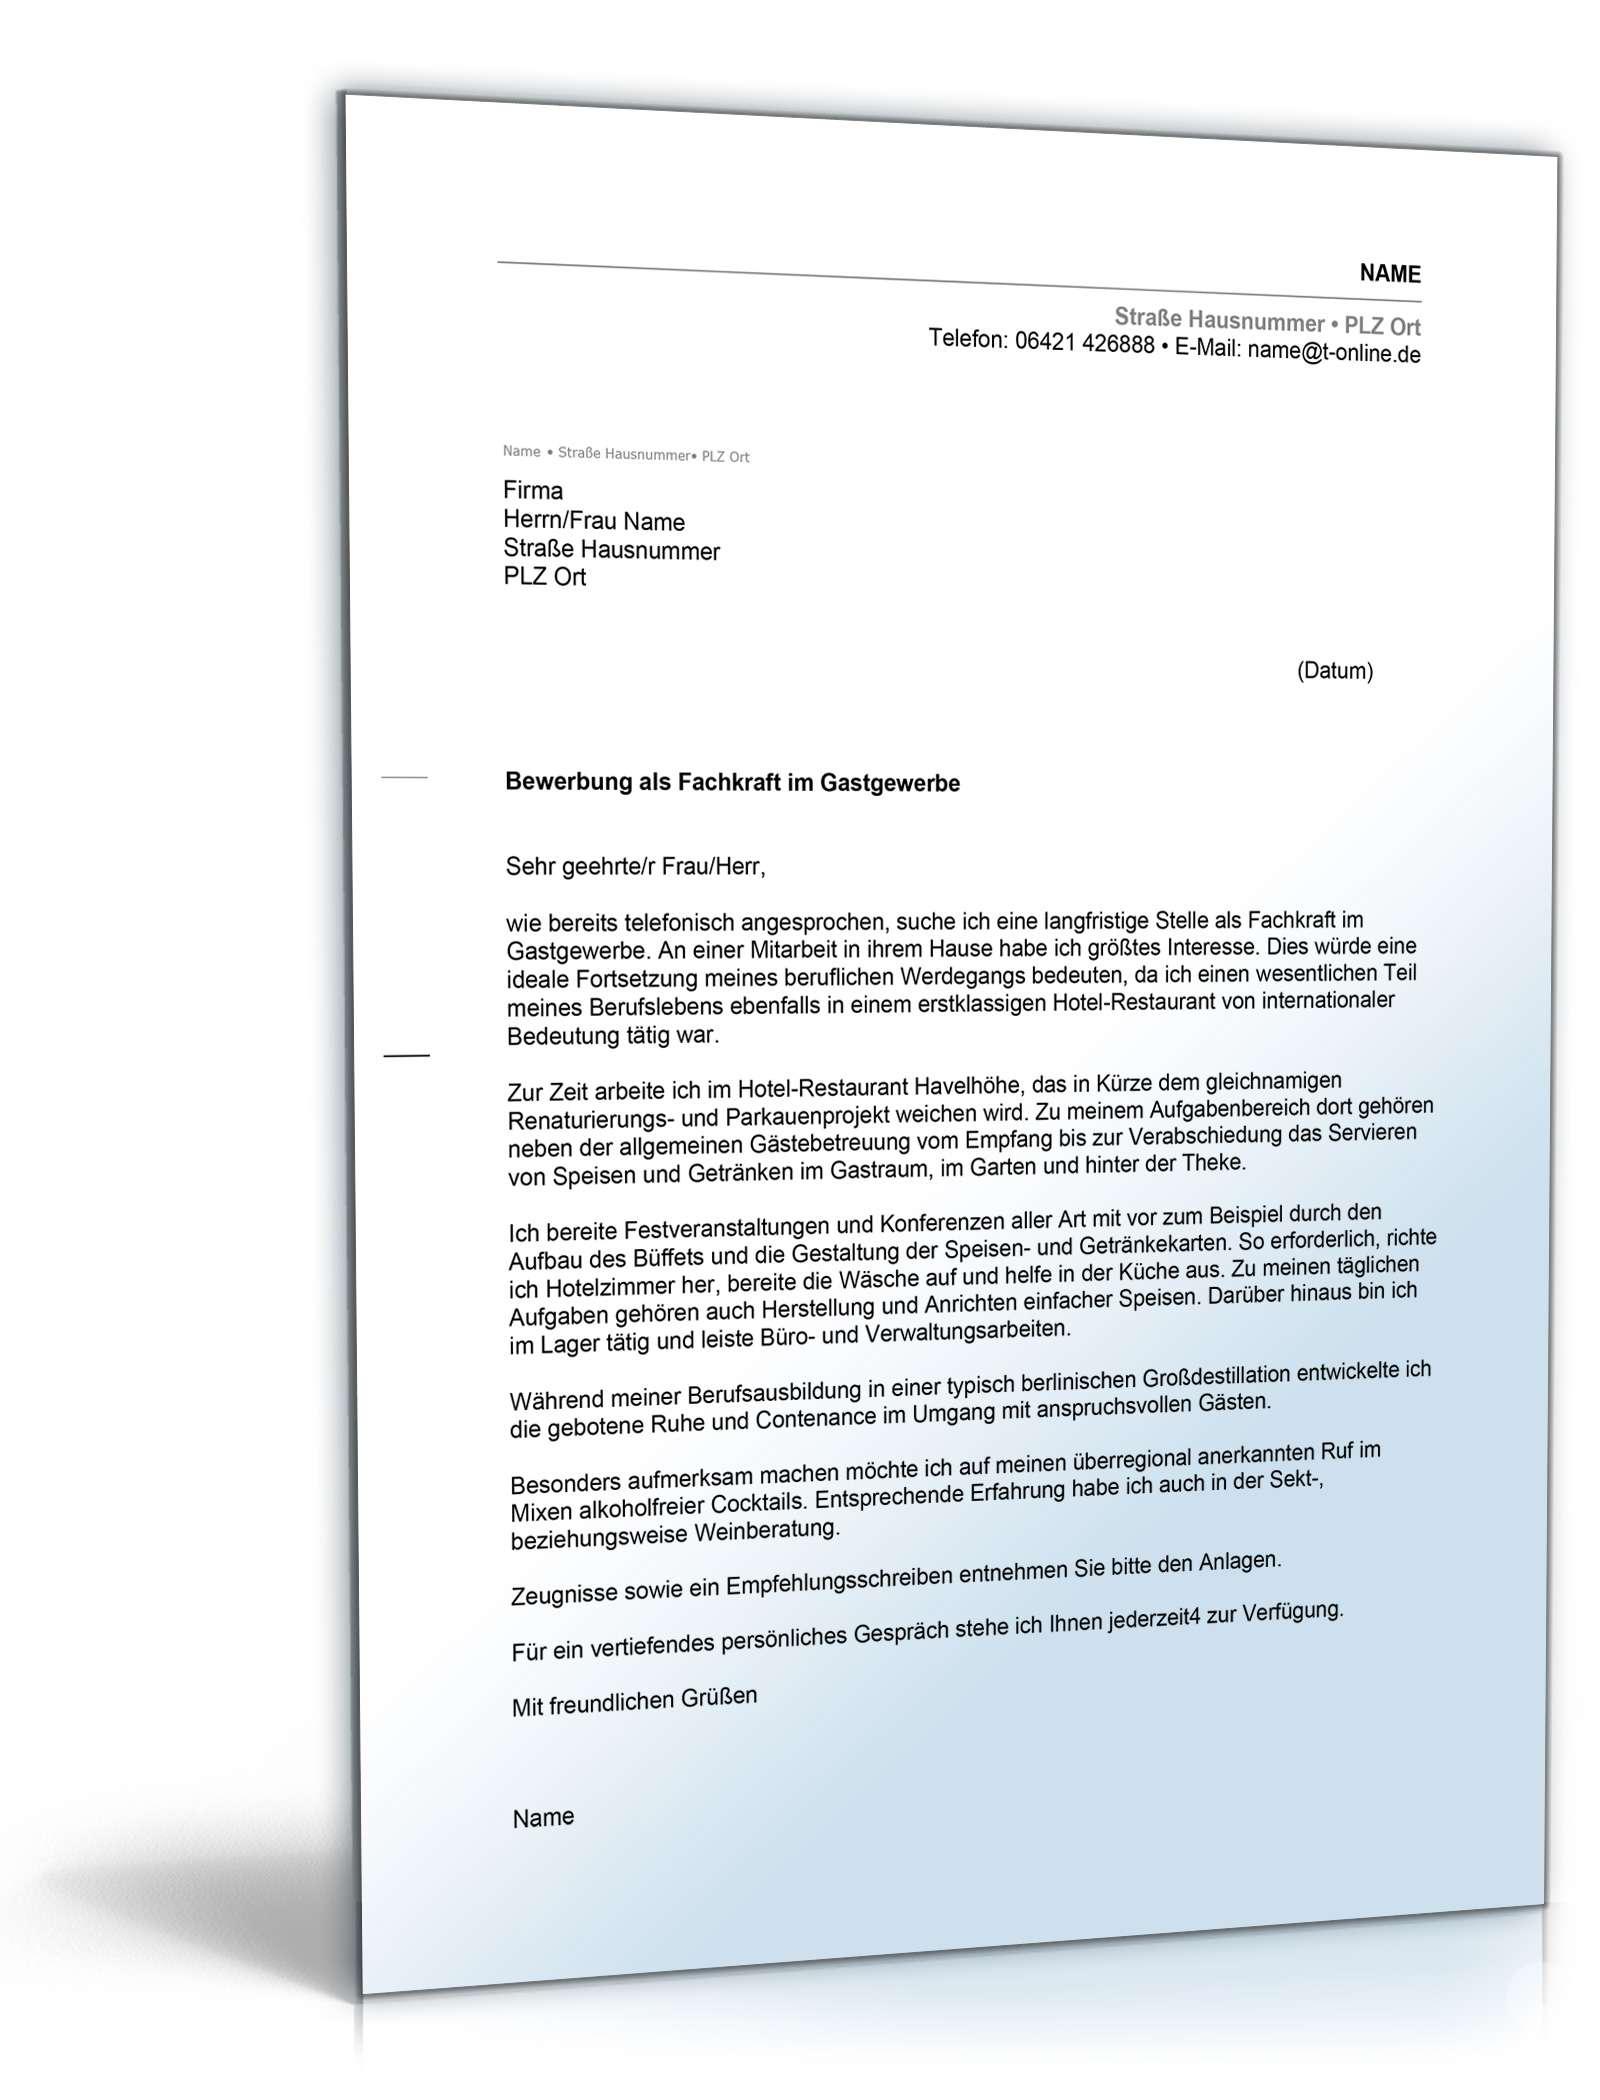 Anschreiben Bewerbung Hotel Und Gastgewerbe Muster Zum Download